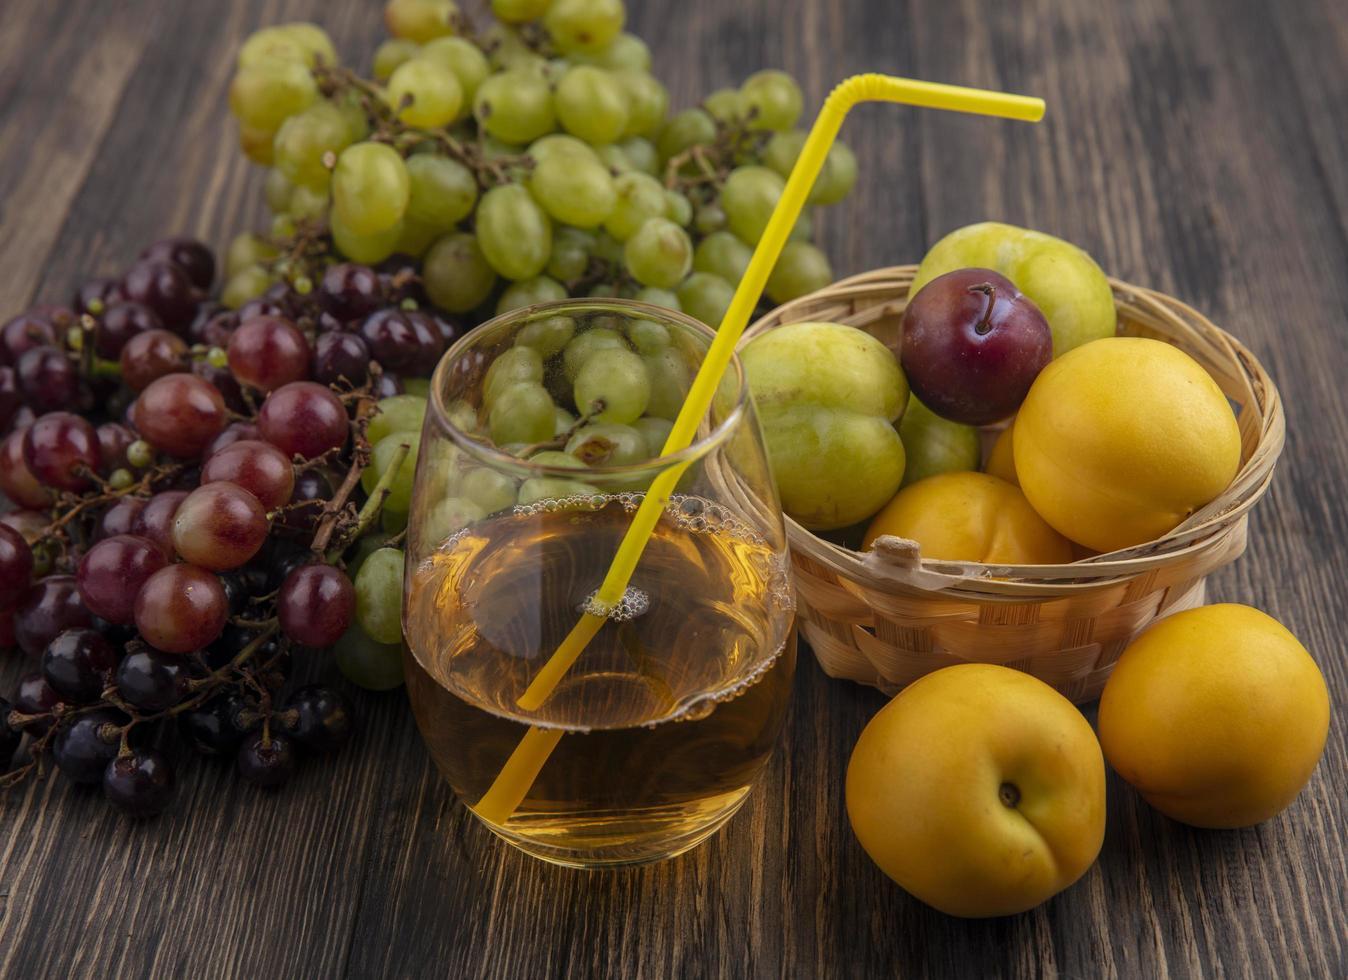 succo d'uva con frutta su fondo in legno foto